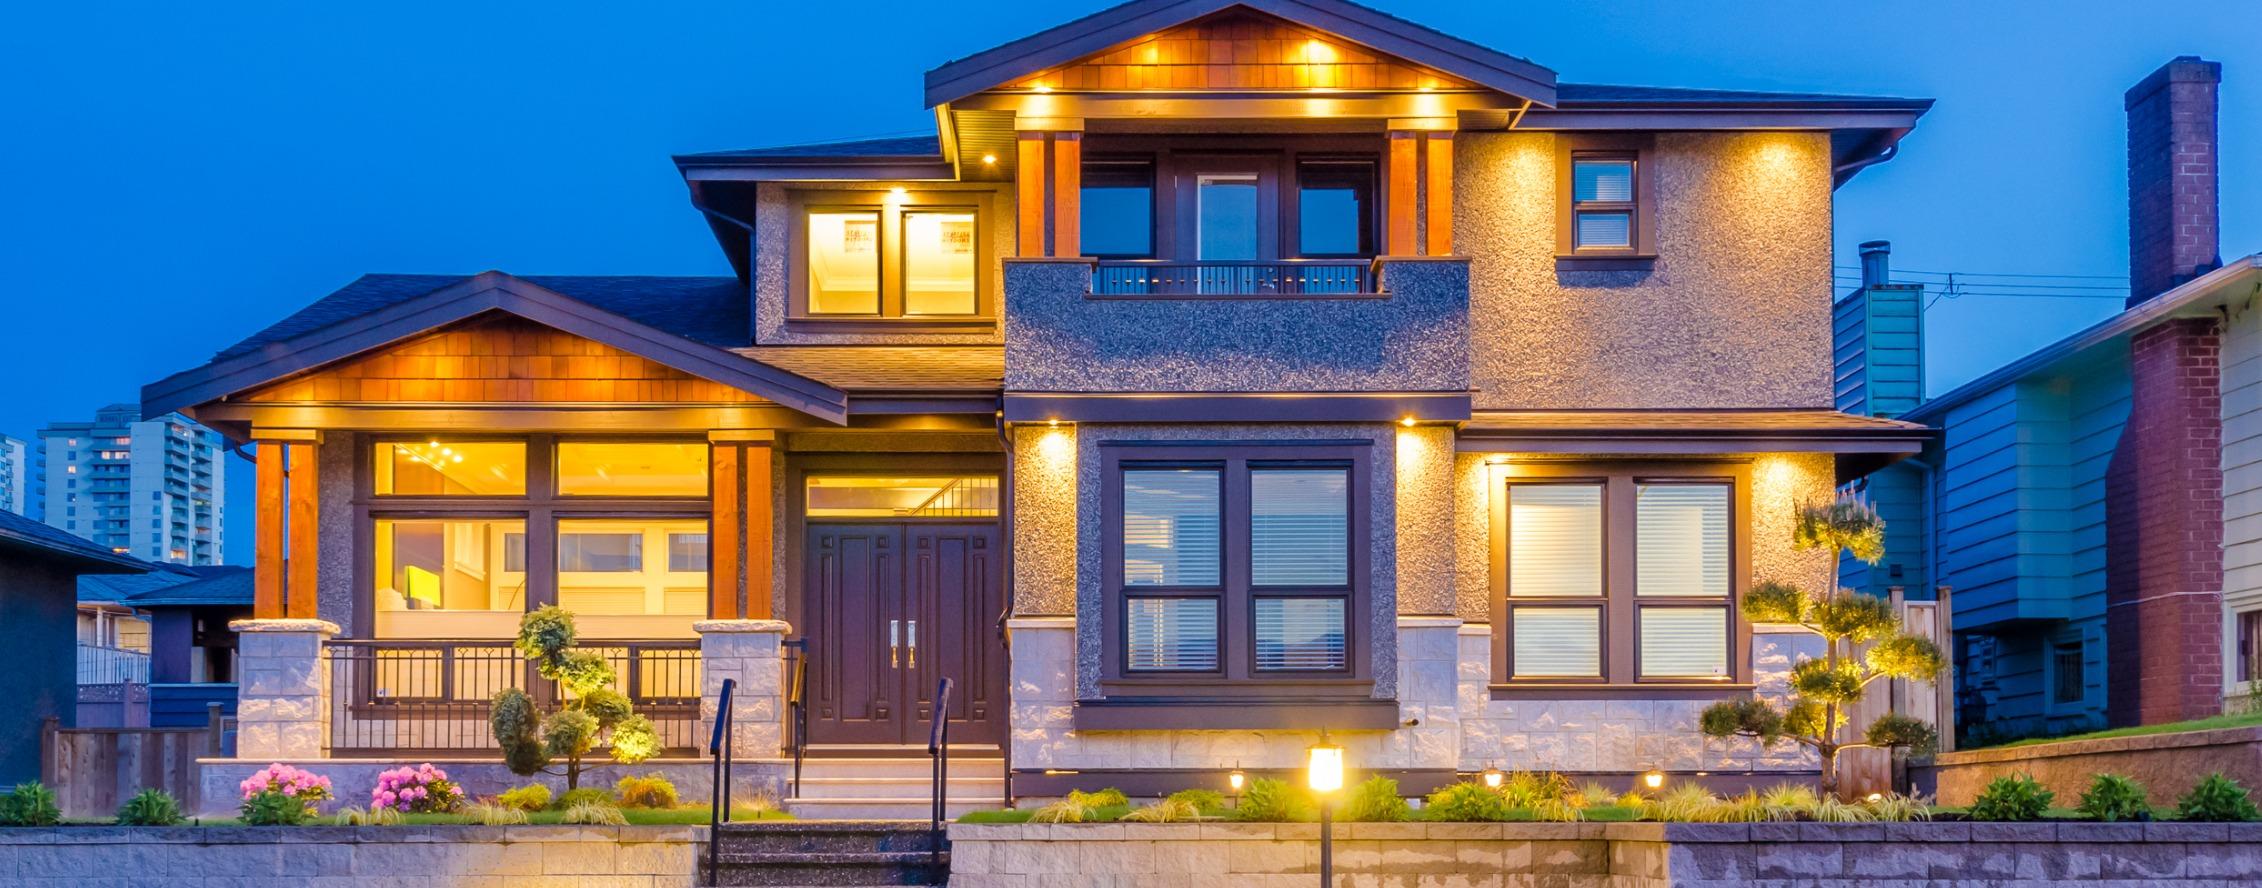 Maison avec éclairage extérieur et intérieur